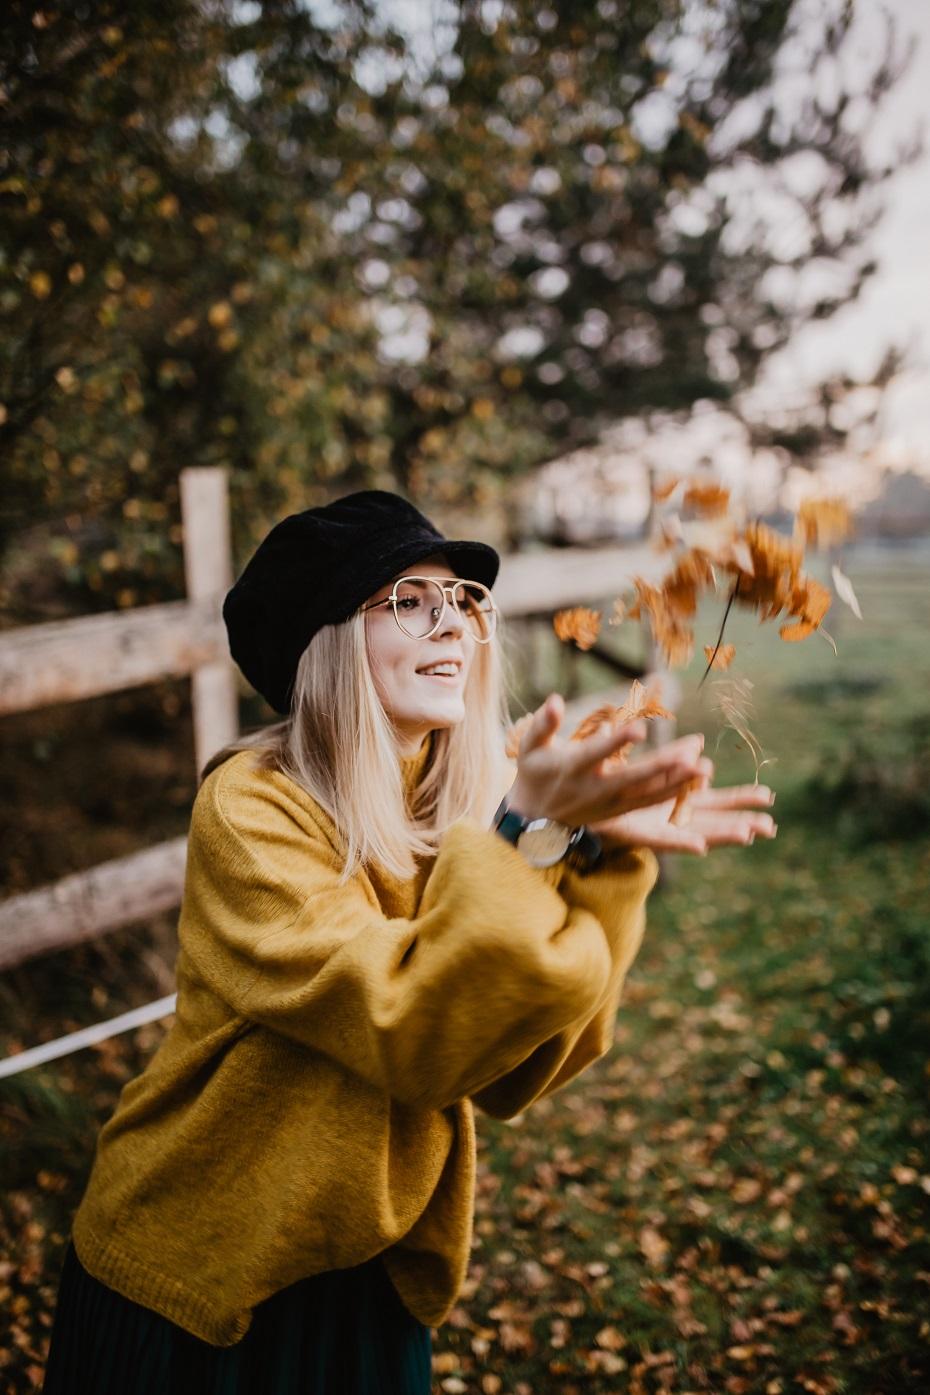 Musztardowy sweter i plisowana spódnica | Jesienna stylizacja z końmi